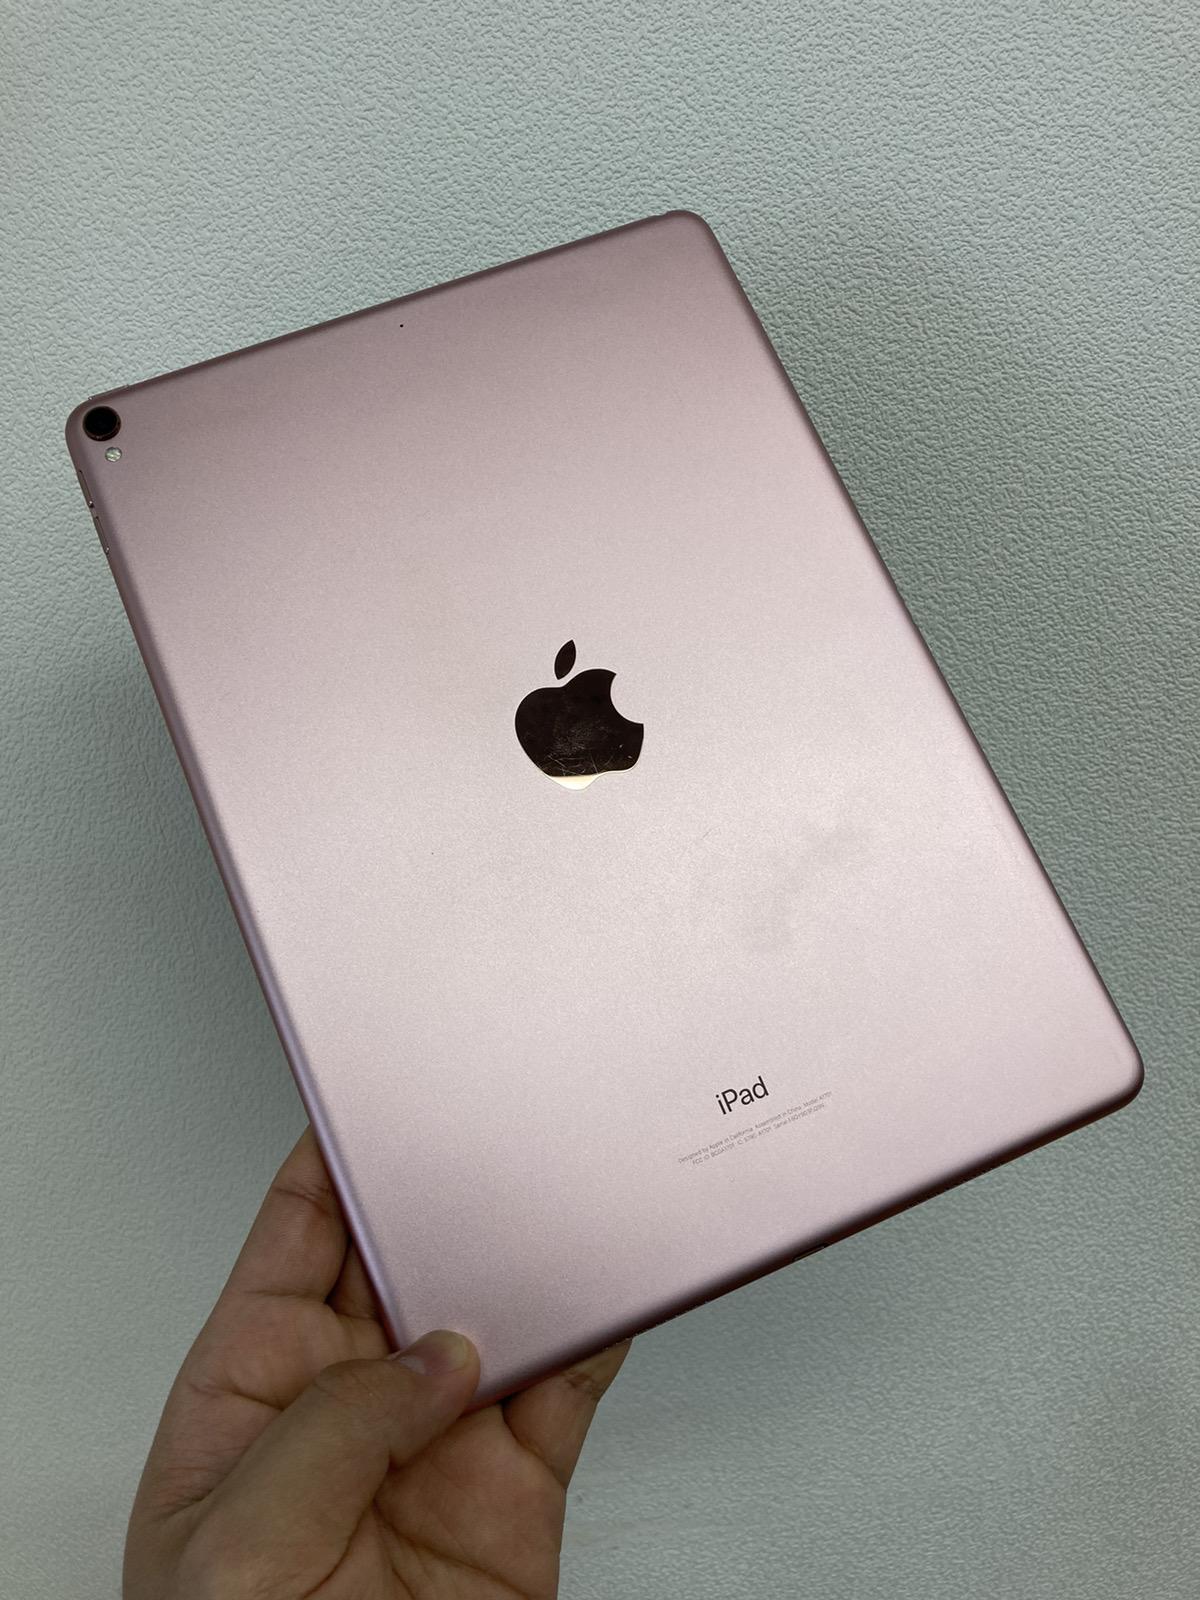 iPad Pro 10.5 Wi-Fi 256GB